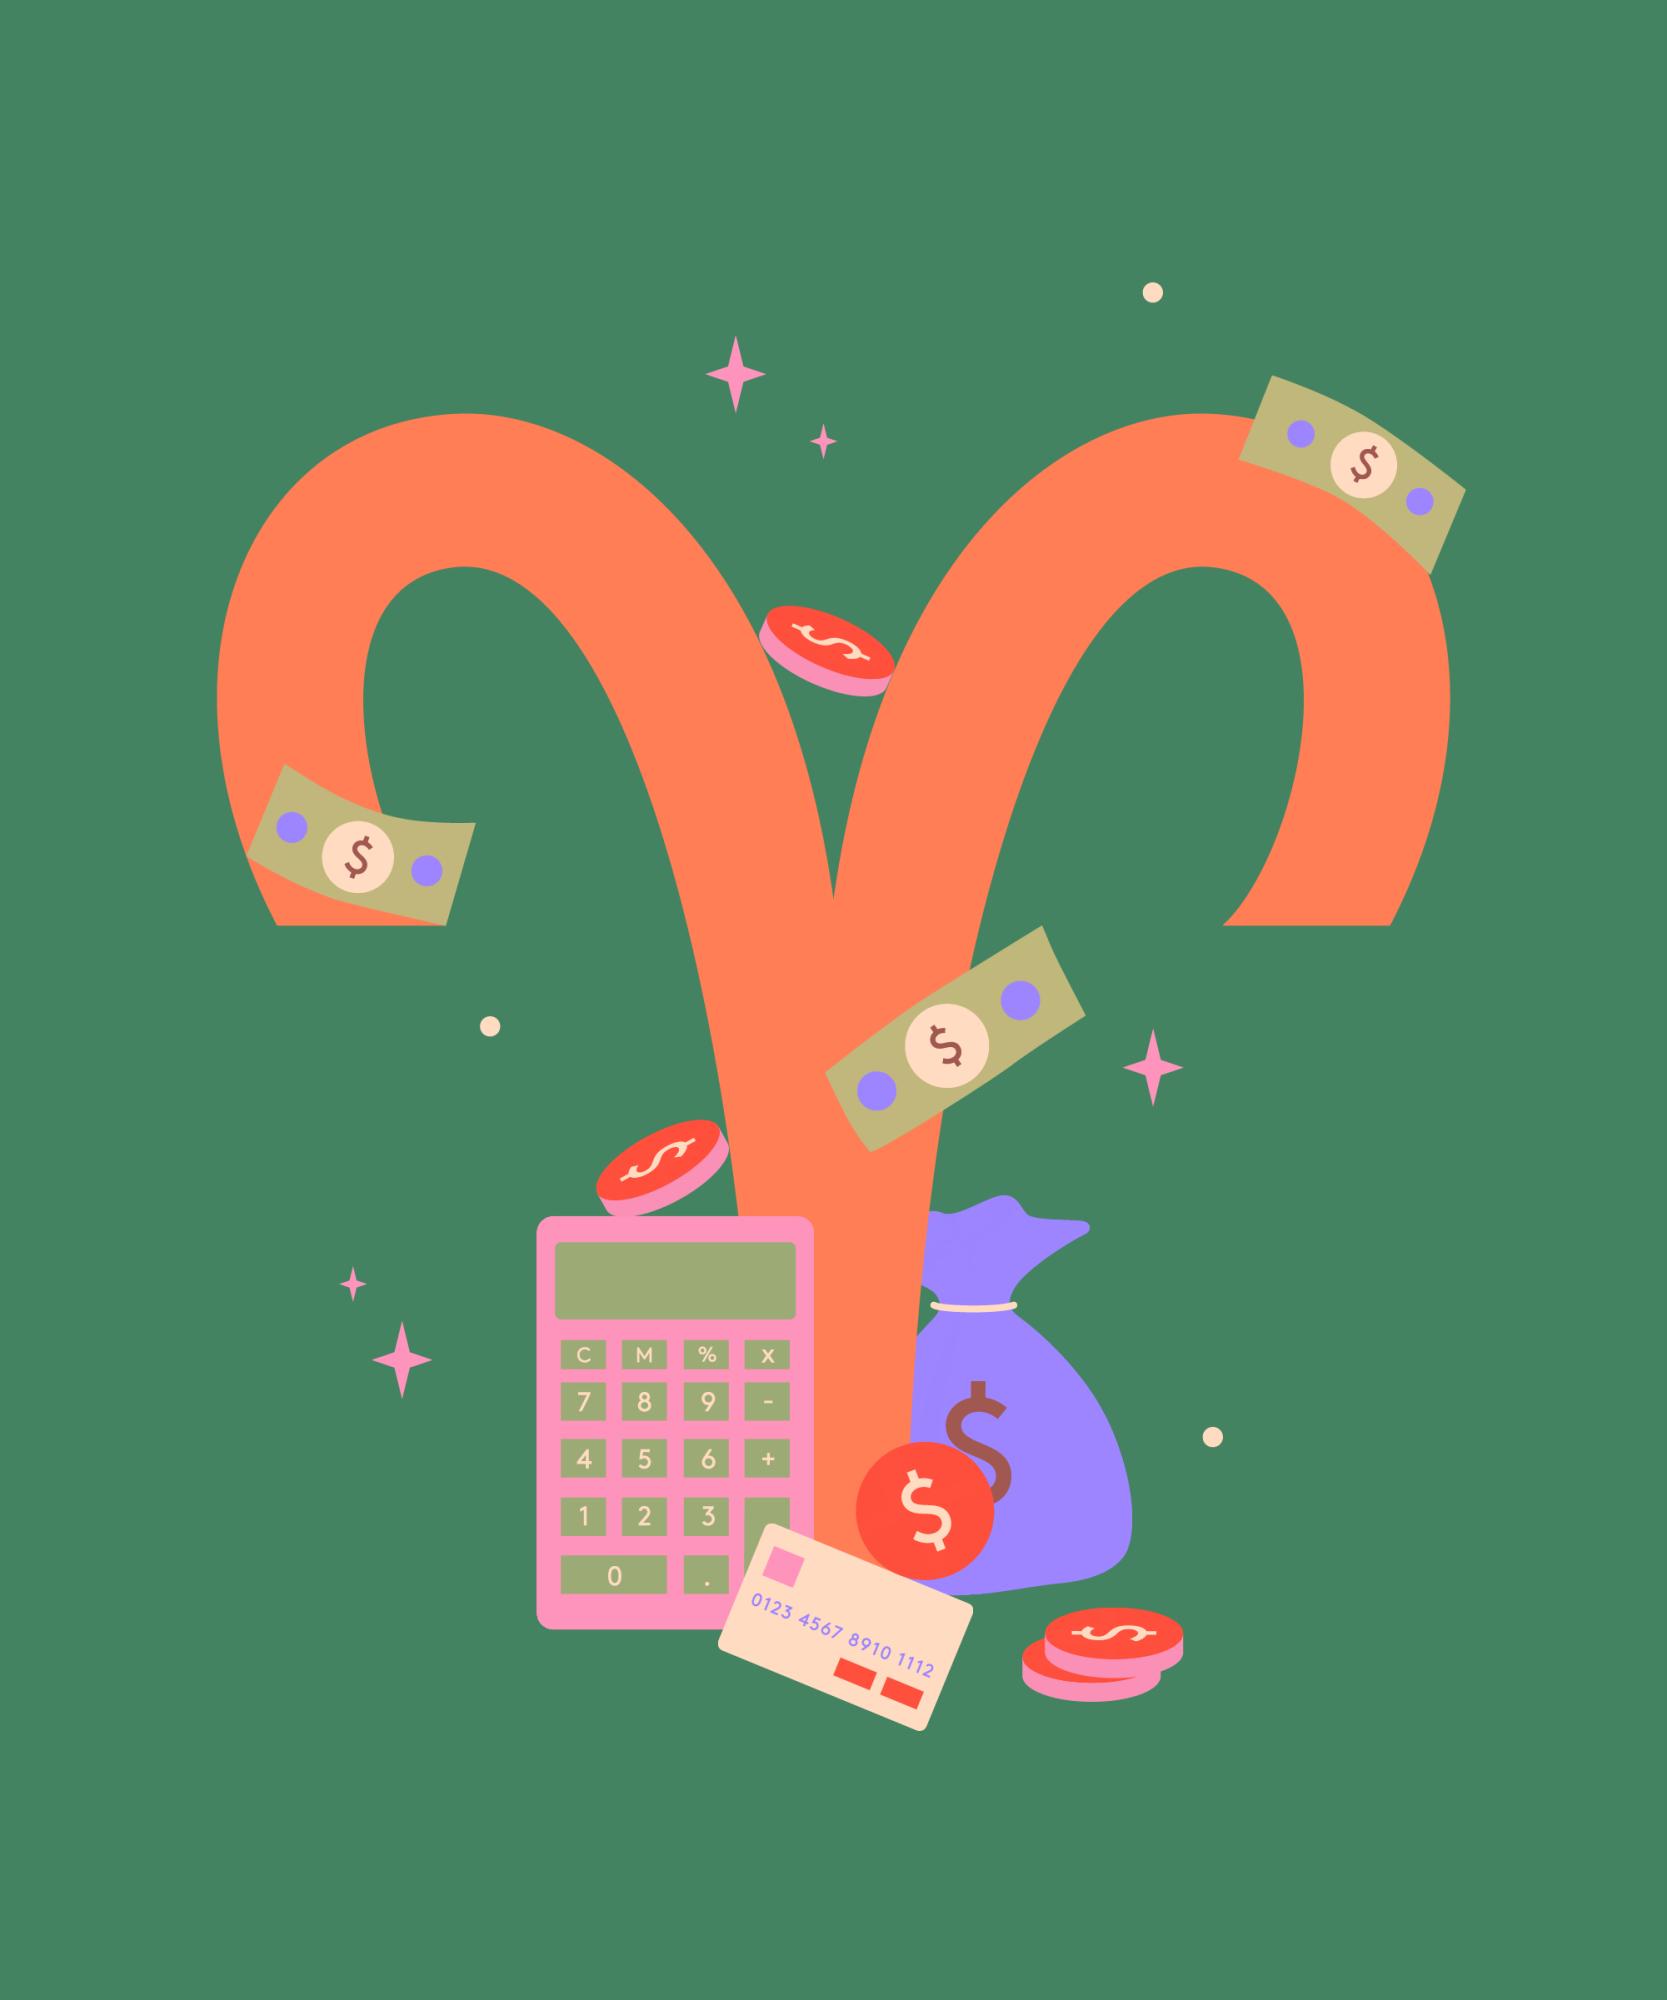 Tử vi tài chính 2019 cung Bạch Dương